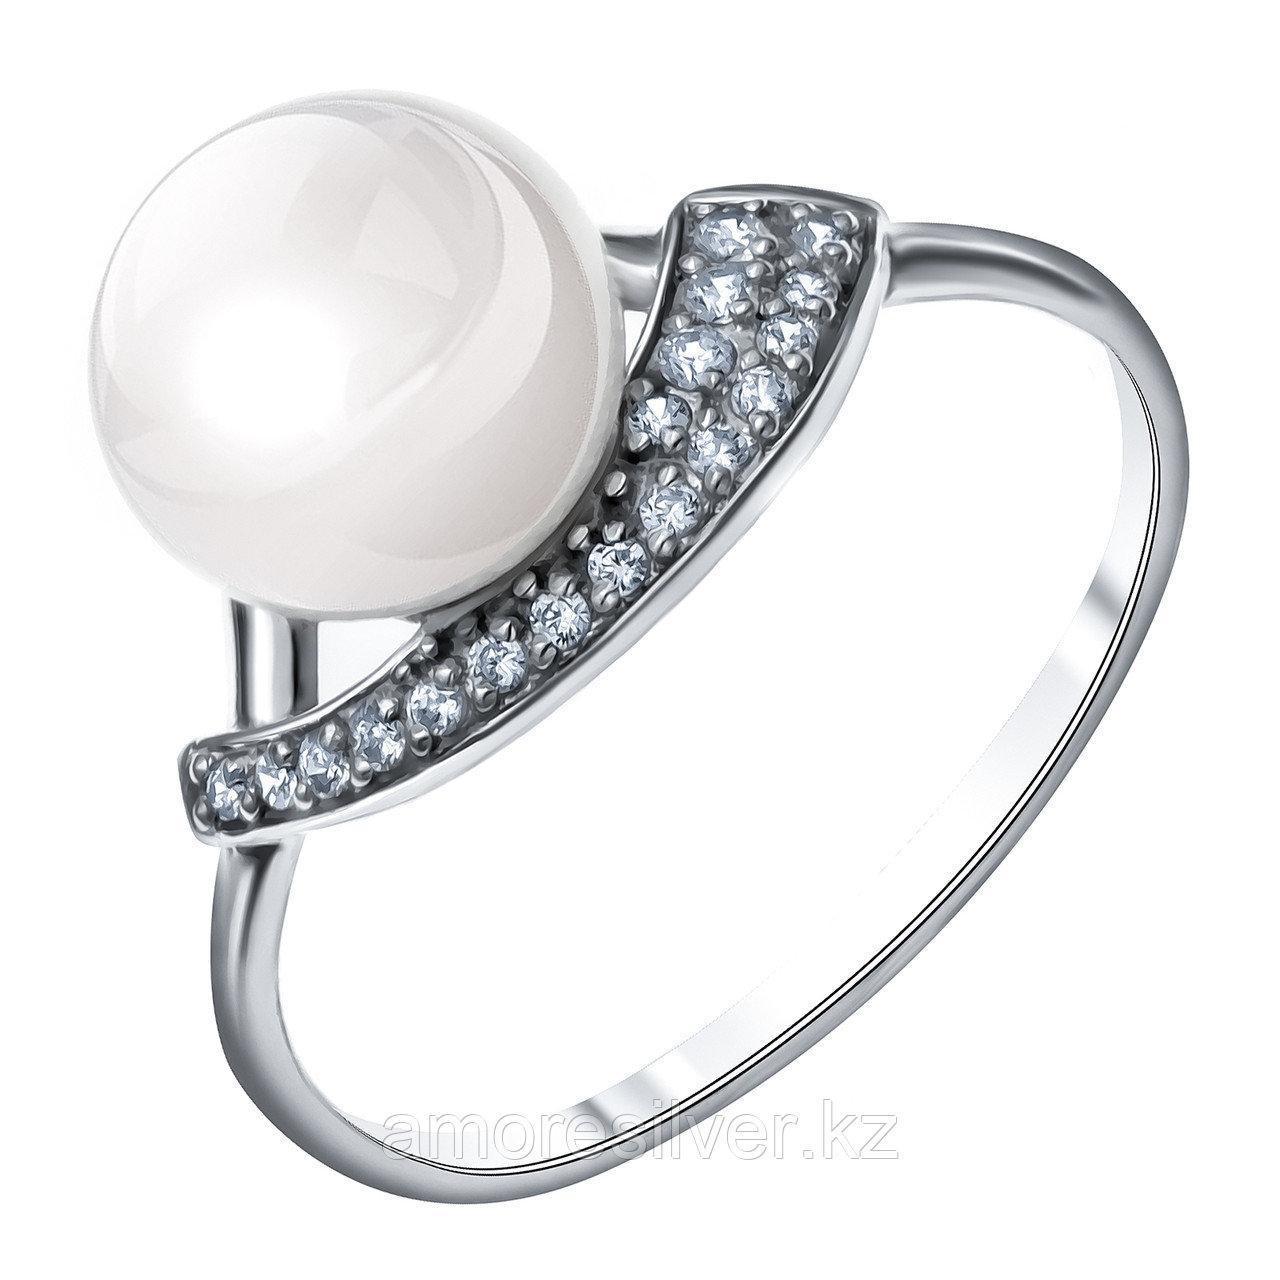 Серебряное кольцо с фианитом и жемчугом культ.  Teosa 190-5-623Р